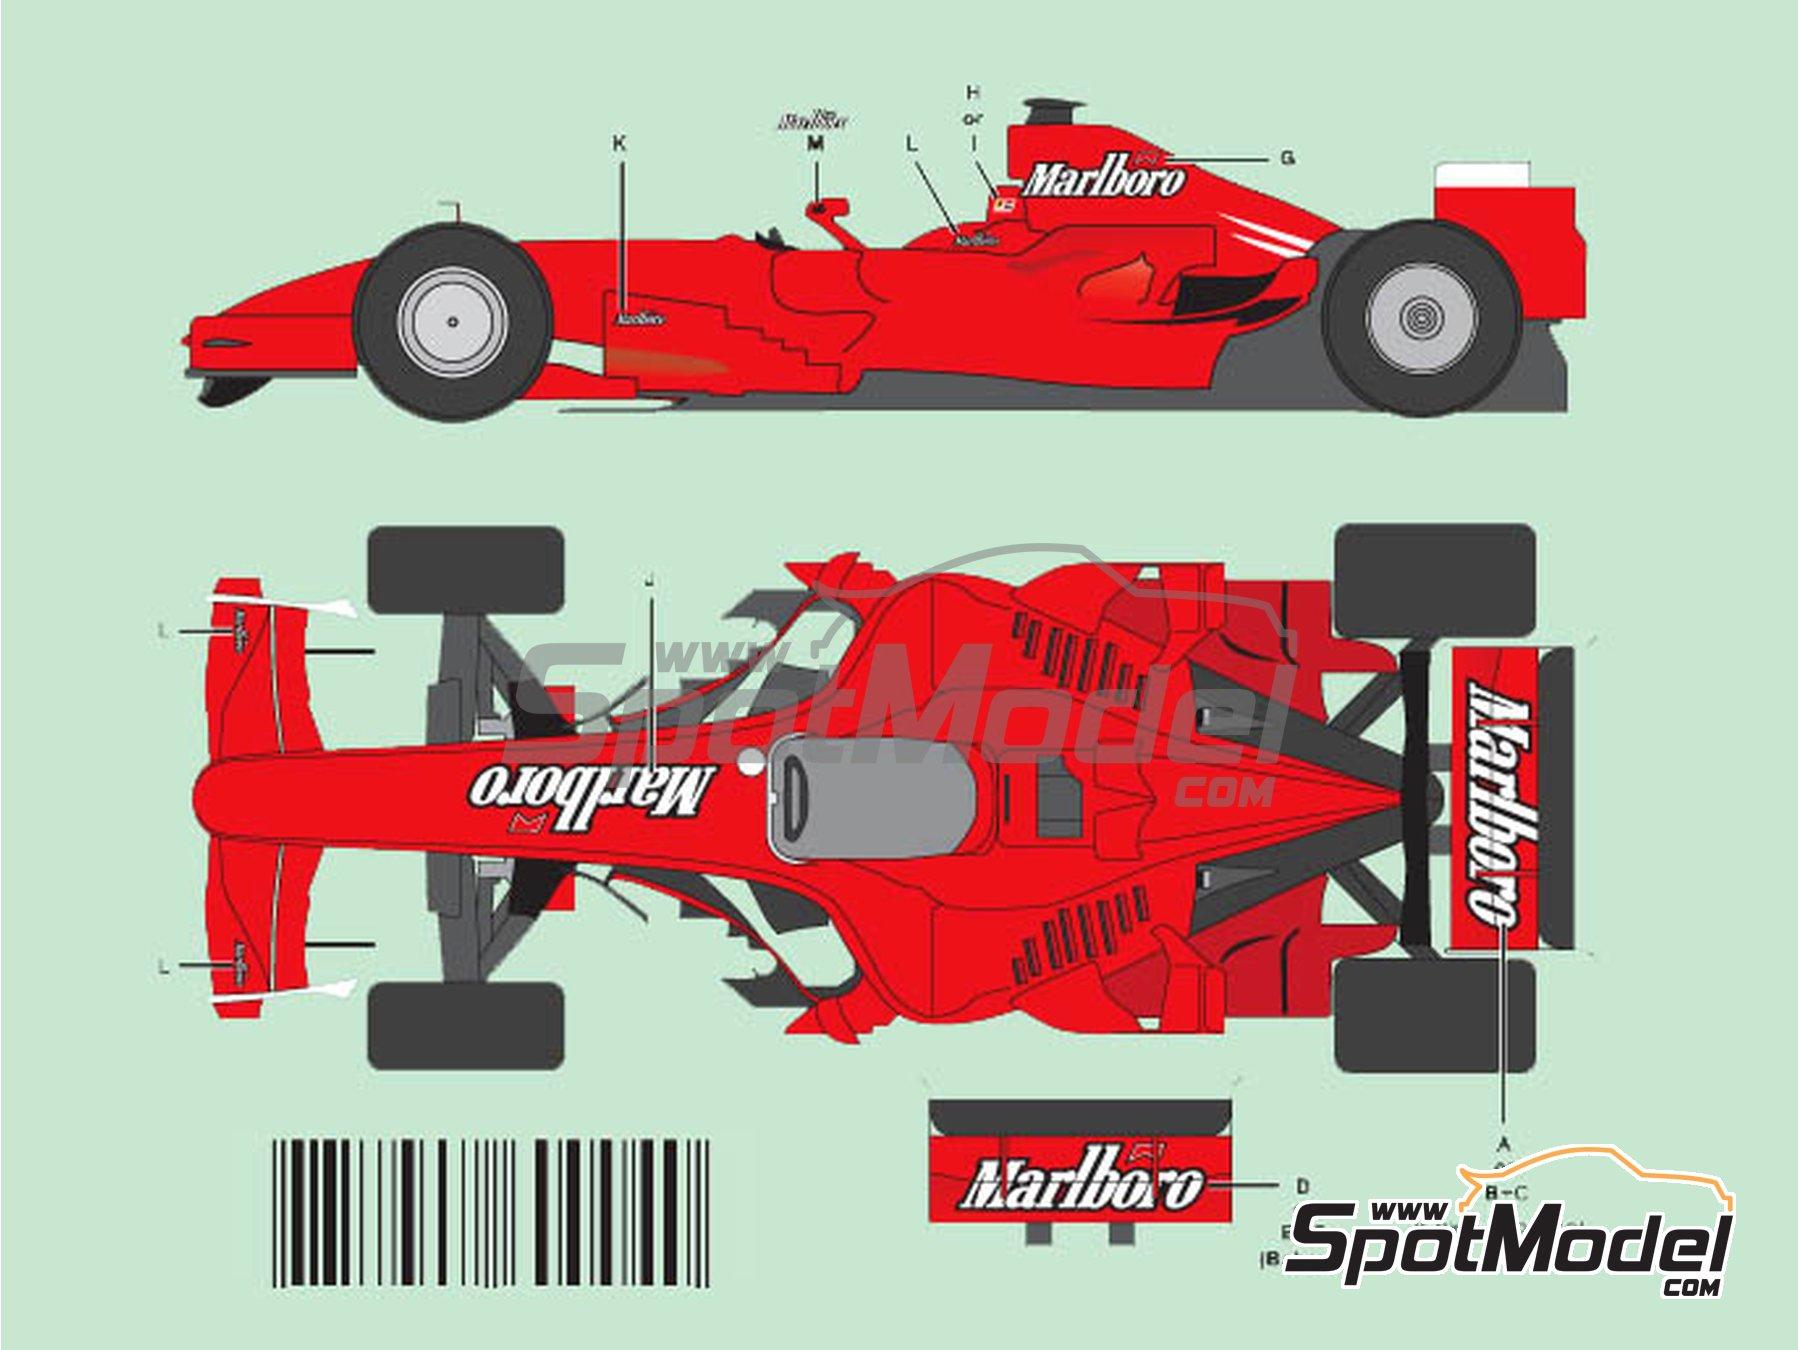 Image 1: Ferrari F2007 Marlboro - Gran Premio de Fórmula 1 de Bahrein, Gran Premio de Fórmula 1 de China, Gran Premio de Formula 1 de Mónaco | Decoración en escala1/20 fabricado por Nicolecron Decals (ref.NLD-004F1)